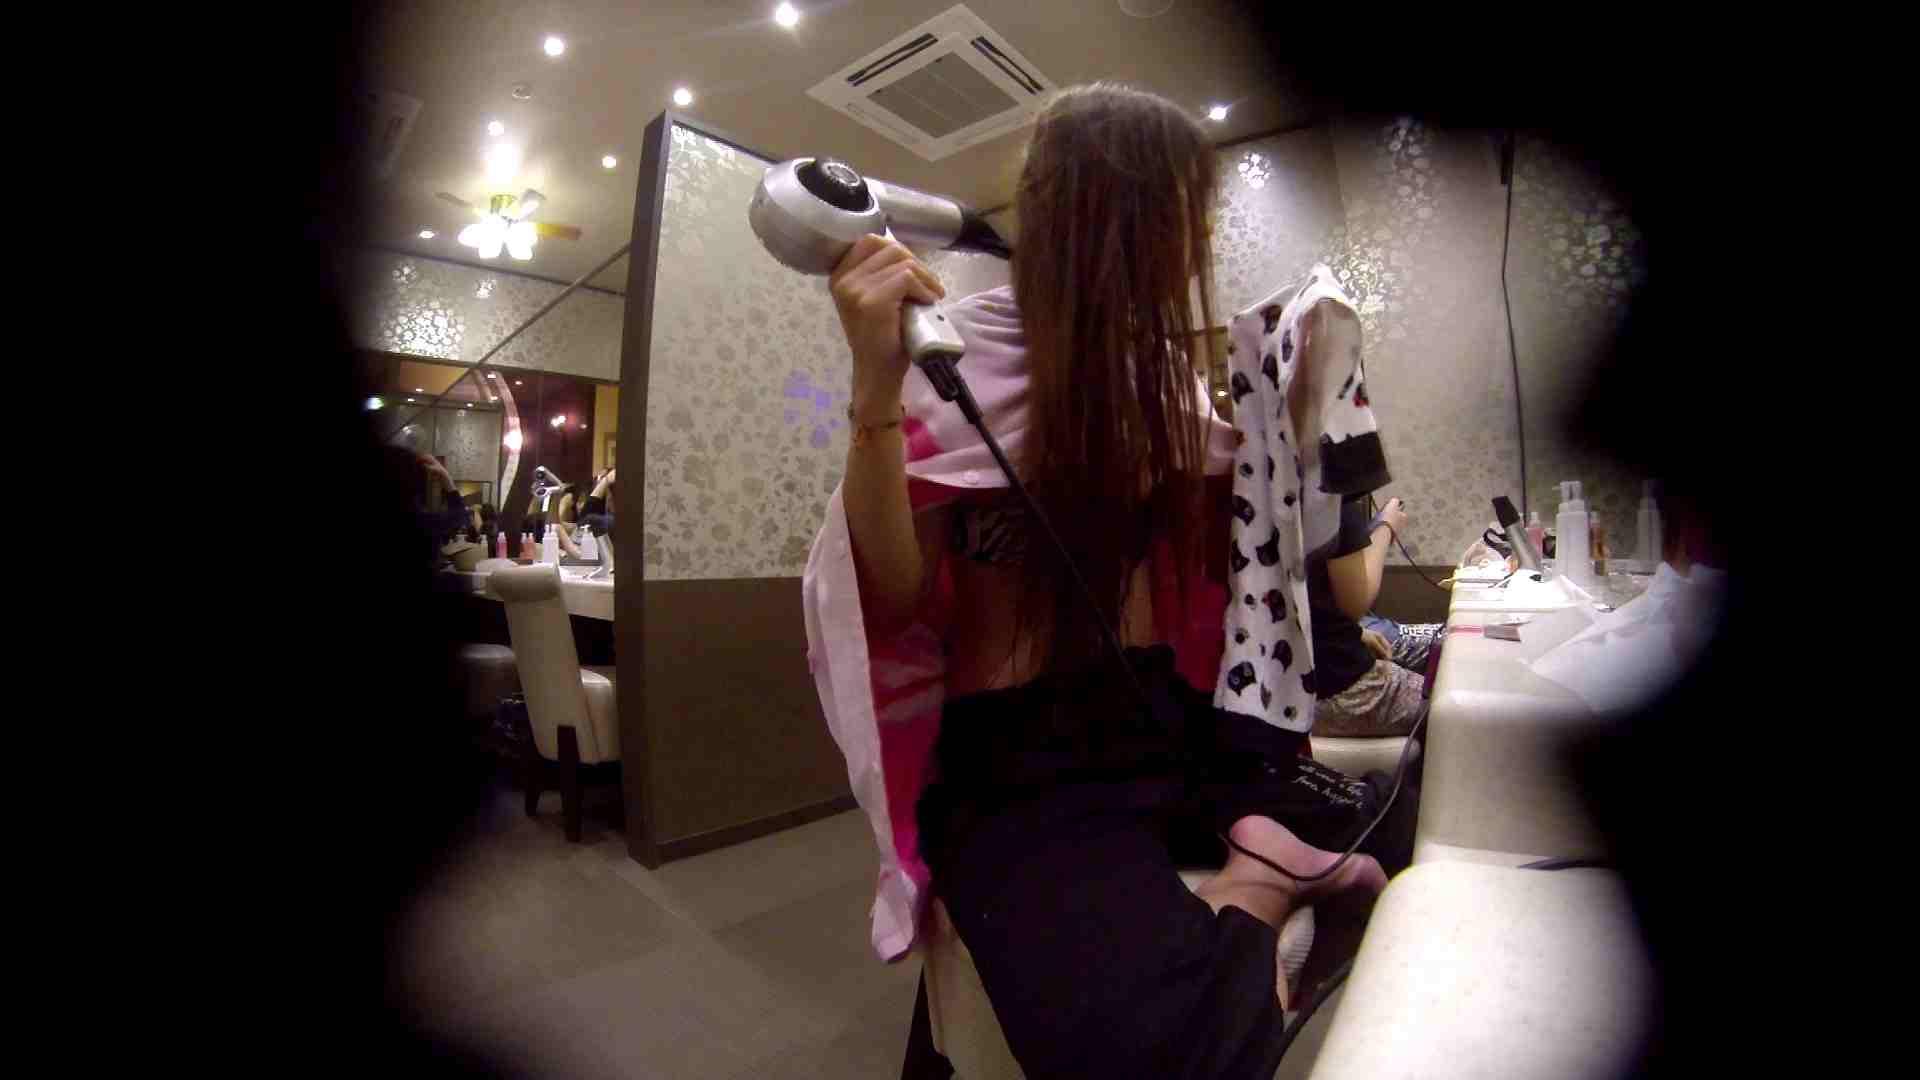 巨乳おまんこ:オムニバス!出入り口~シャワー~メイク室と移動。たくさんの女性が登場します:怪盗ジョーカー